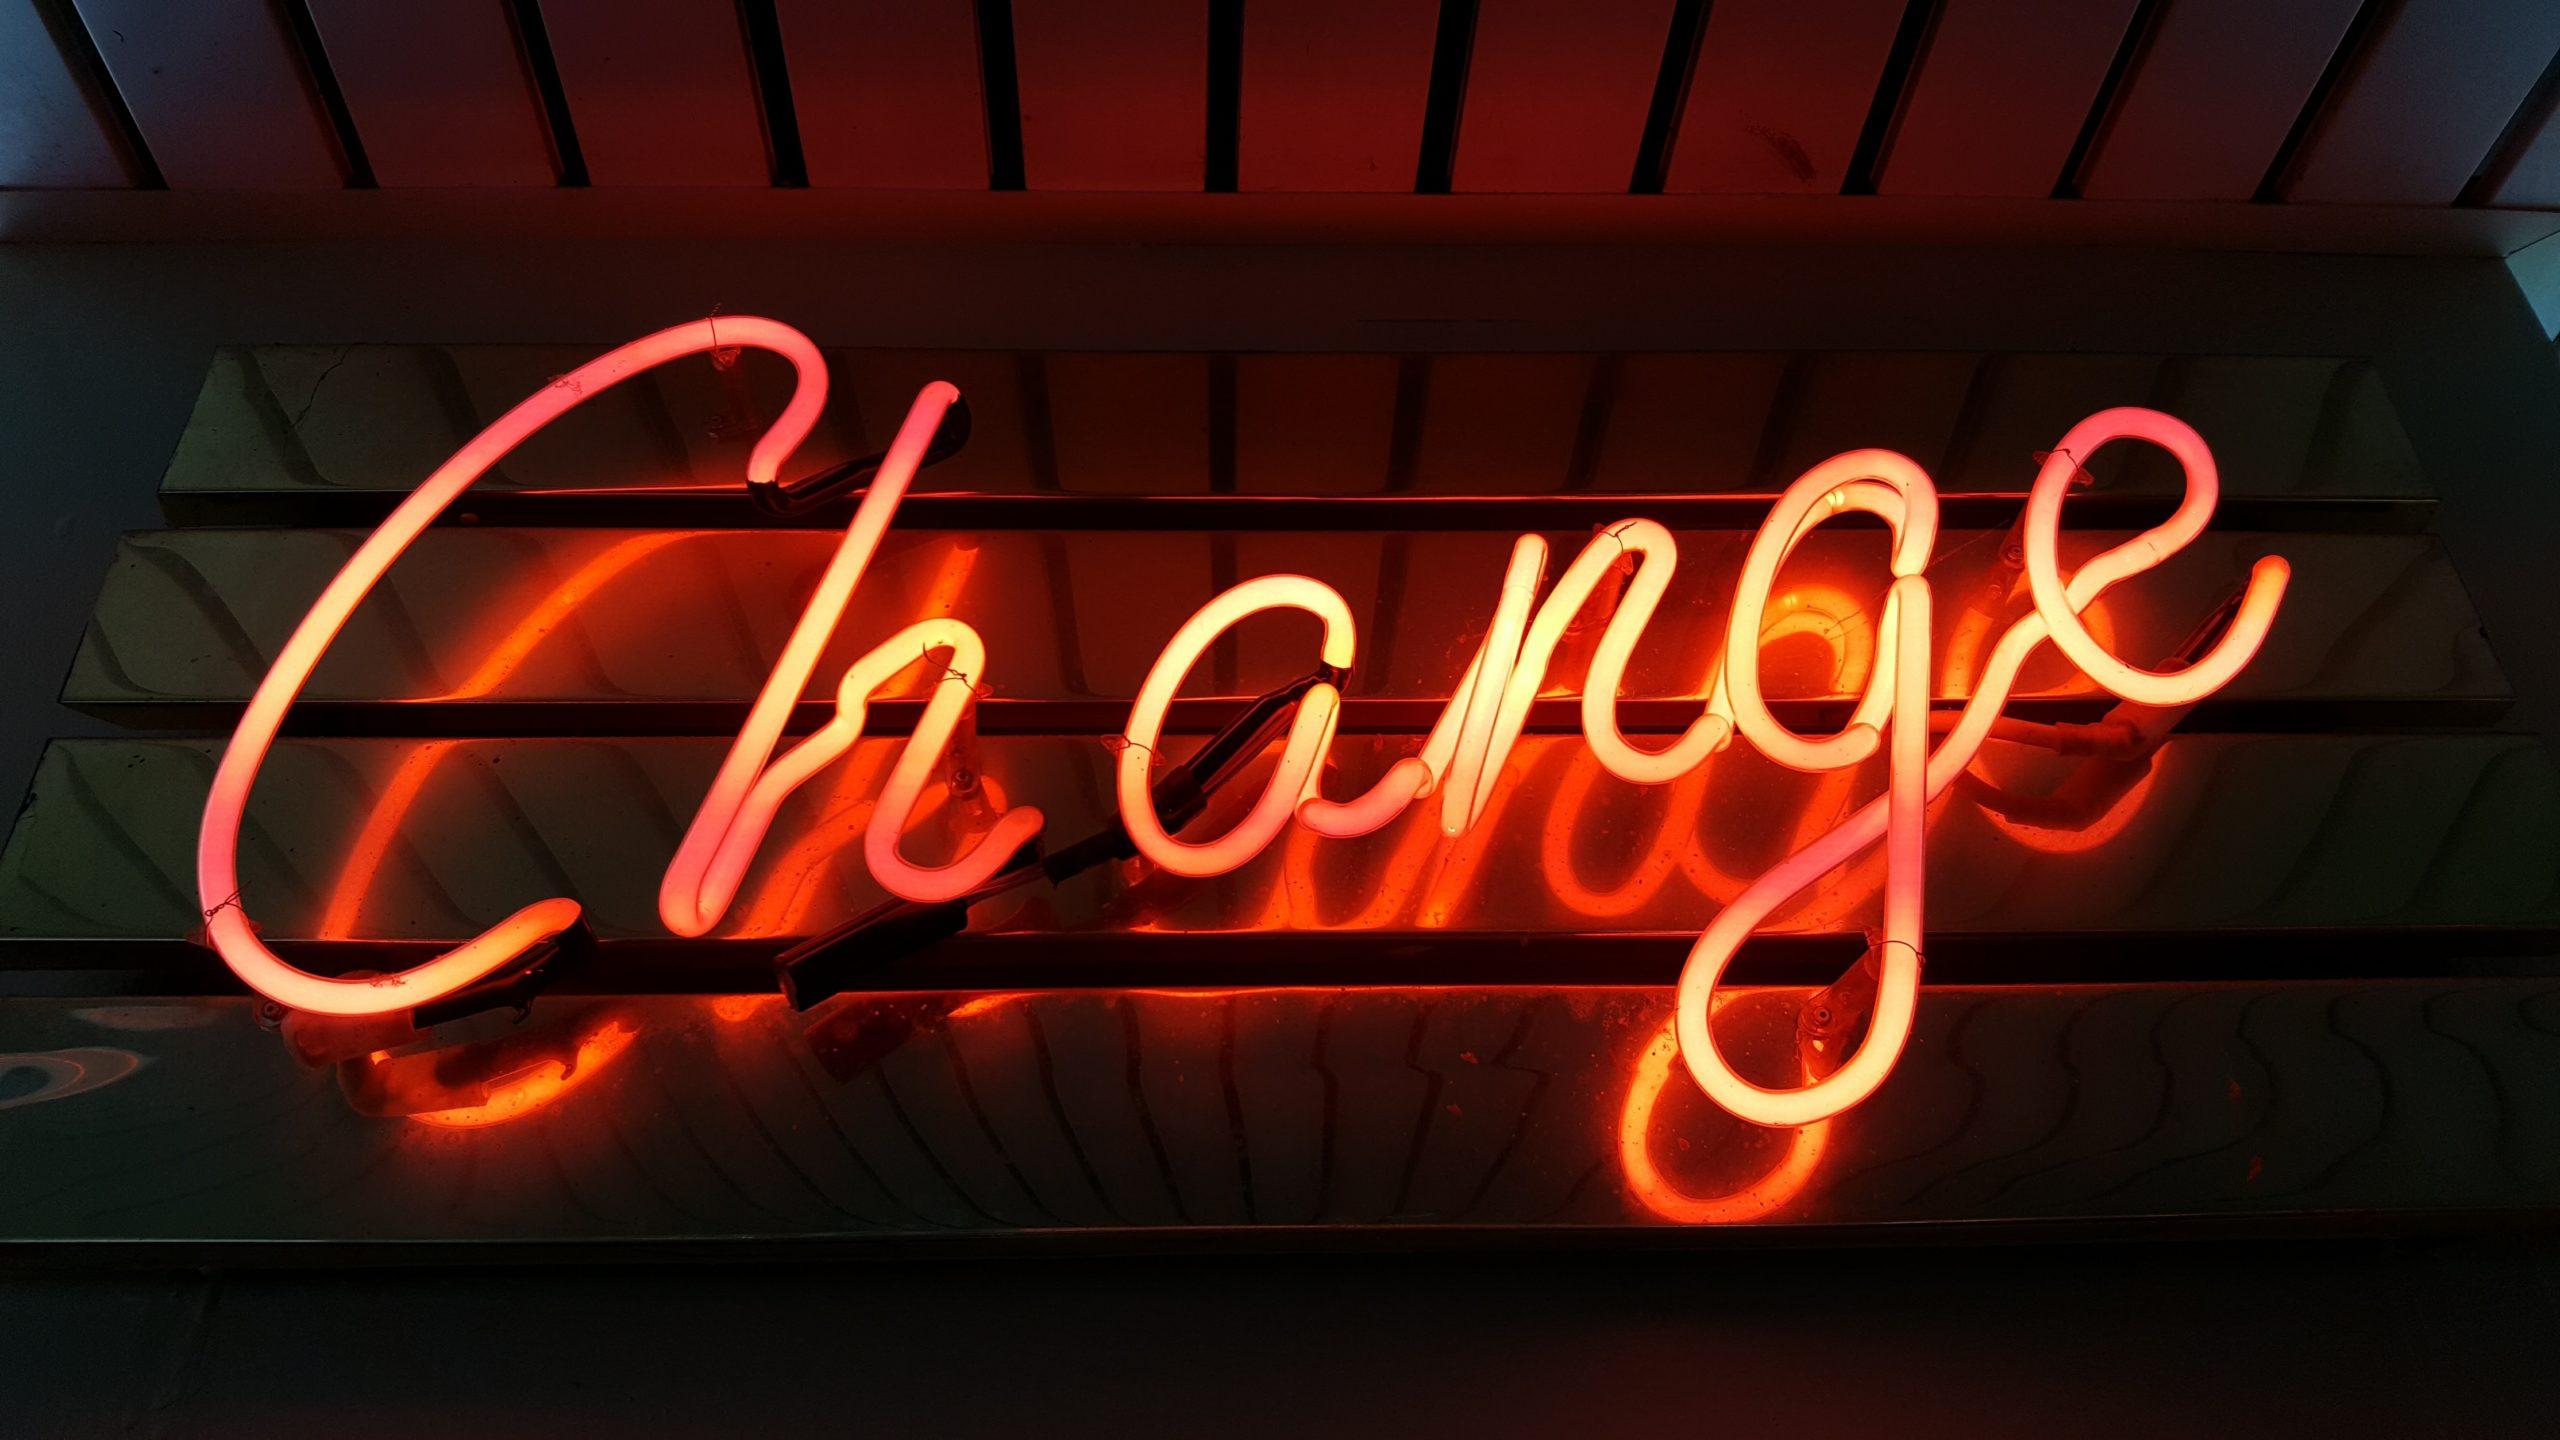 Berufliche Umorientierung – Risiko oder Chance?